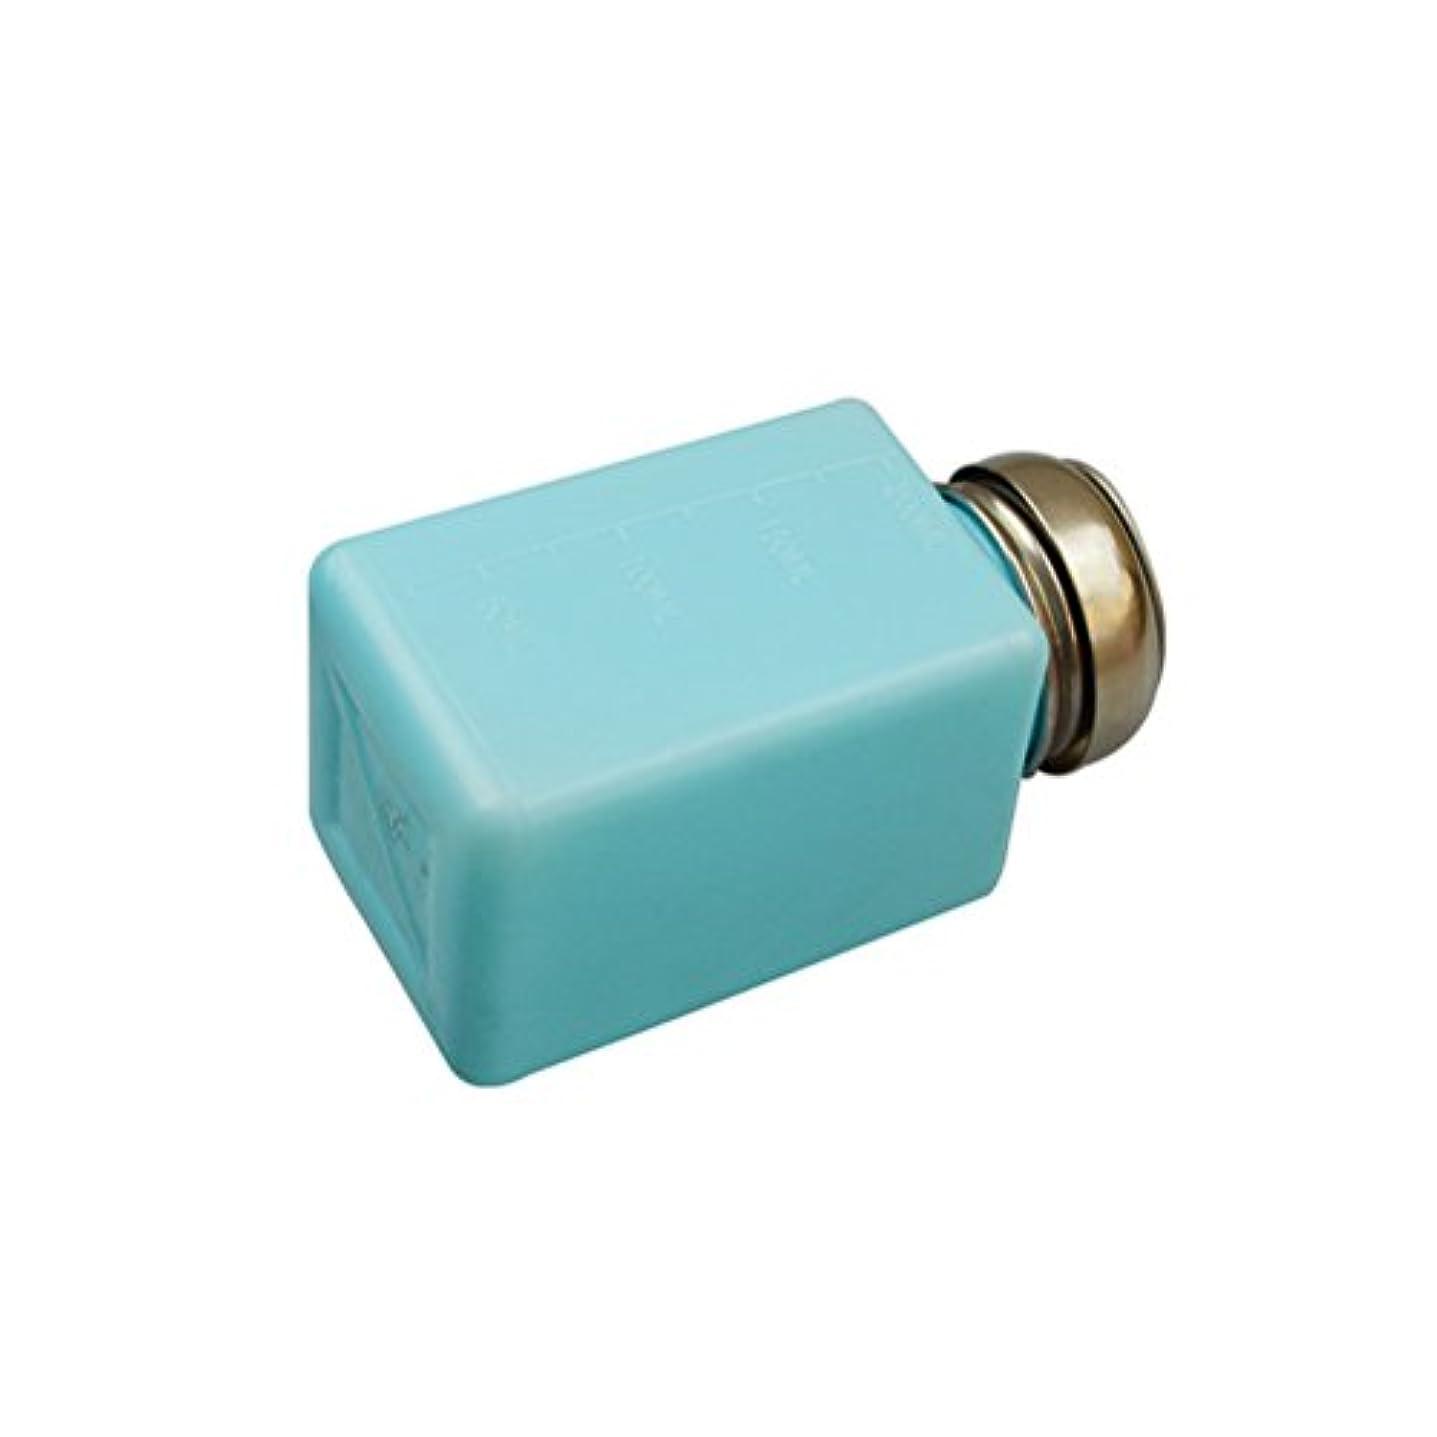 ラインナップ背が高いバランスBESTOMZ アルコールボトル 便利 クレンジングオイル 小分け容器 静電防止 200ML(青)